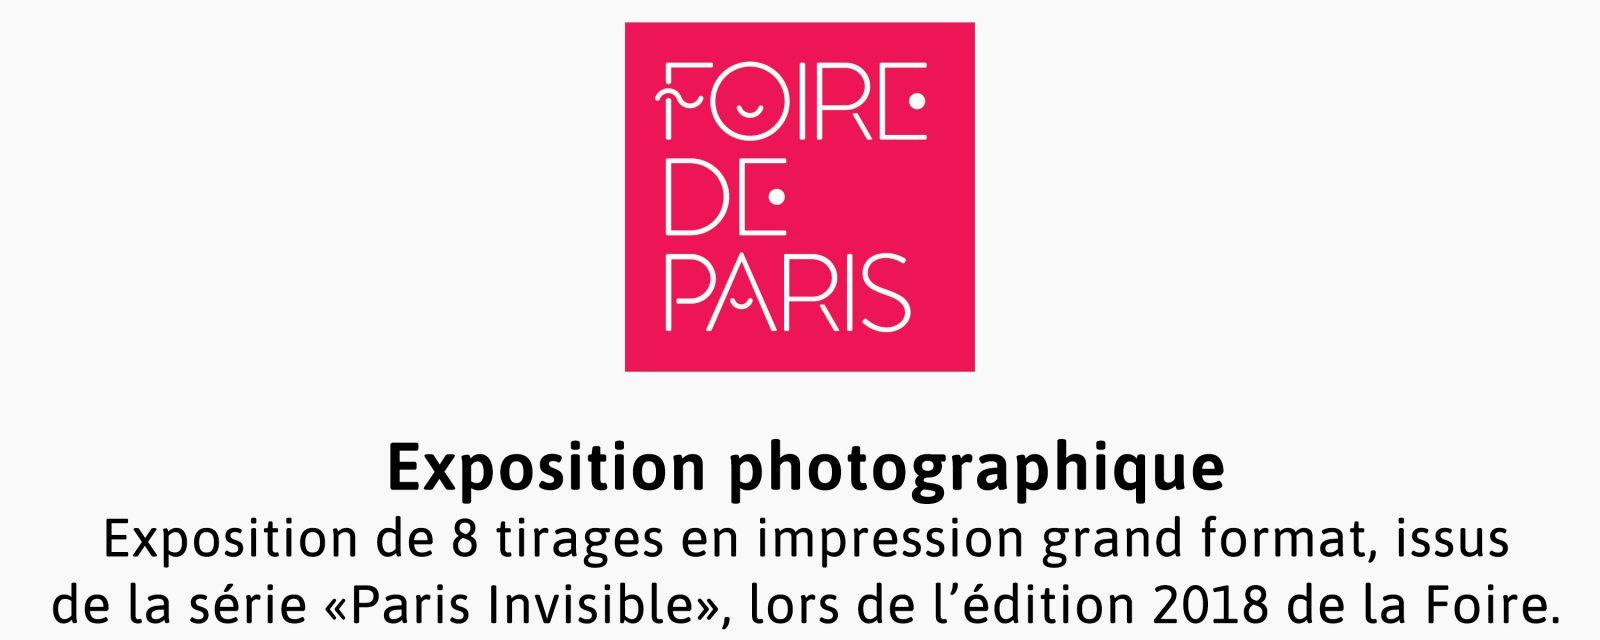 Foire Paris | Pierre-Louis Ferrer Photographie | Réalisations clients